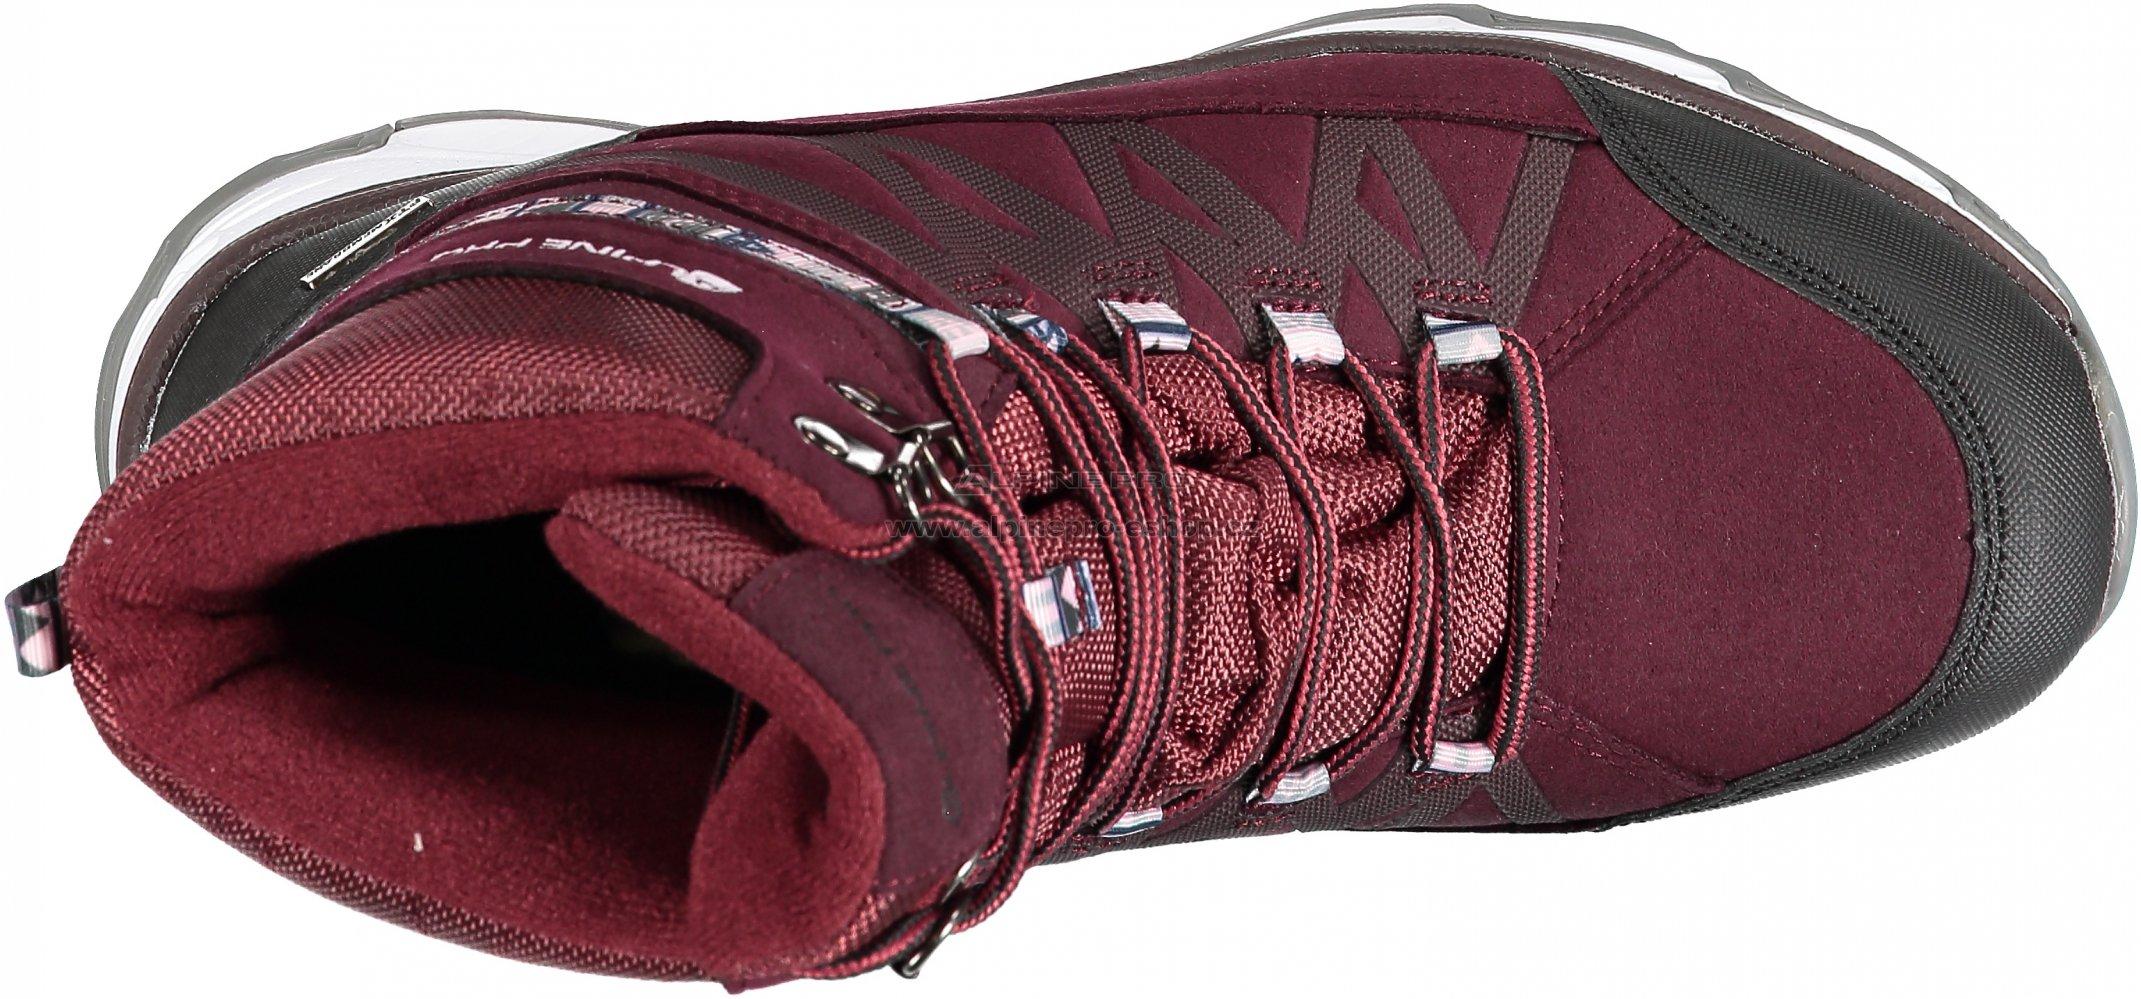 c2339442ed0 Dámská zimní obuv ALPINE PRO CAZA LBTM186 TMAVĚ RŮŽOVÁ velikost  EU ...